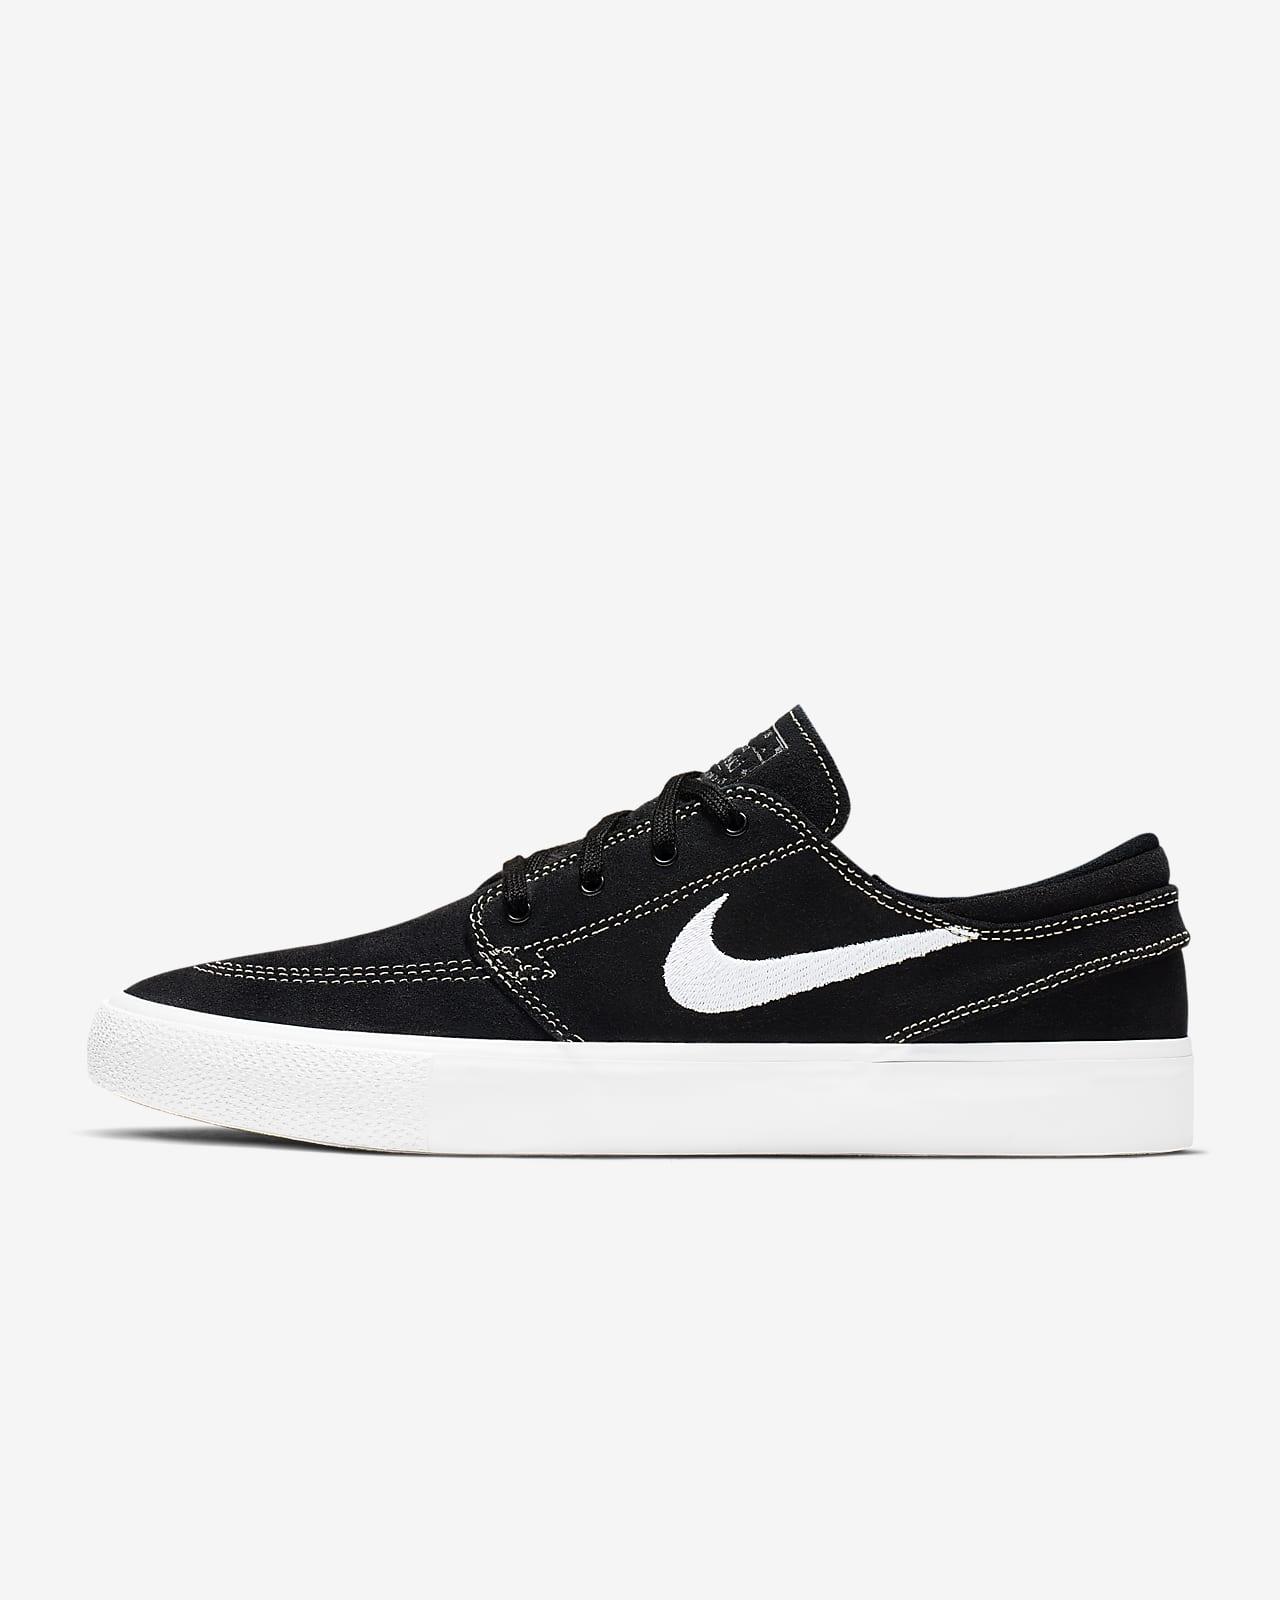 รองเท้าสเก็ตบอร์ด Nike SB Zoom Stefan Janoski RM